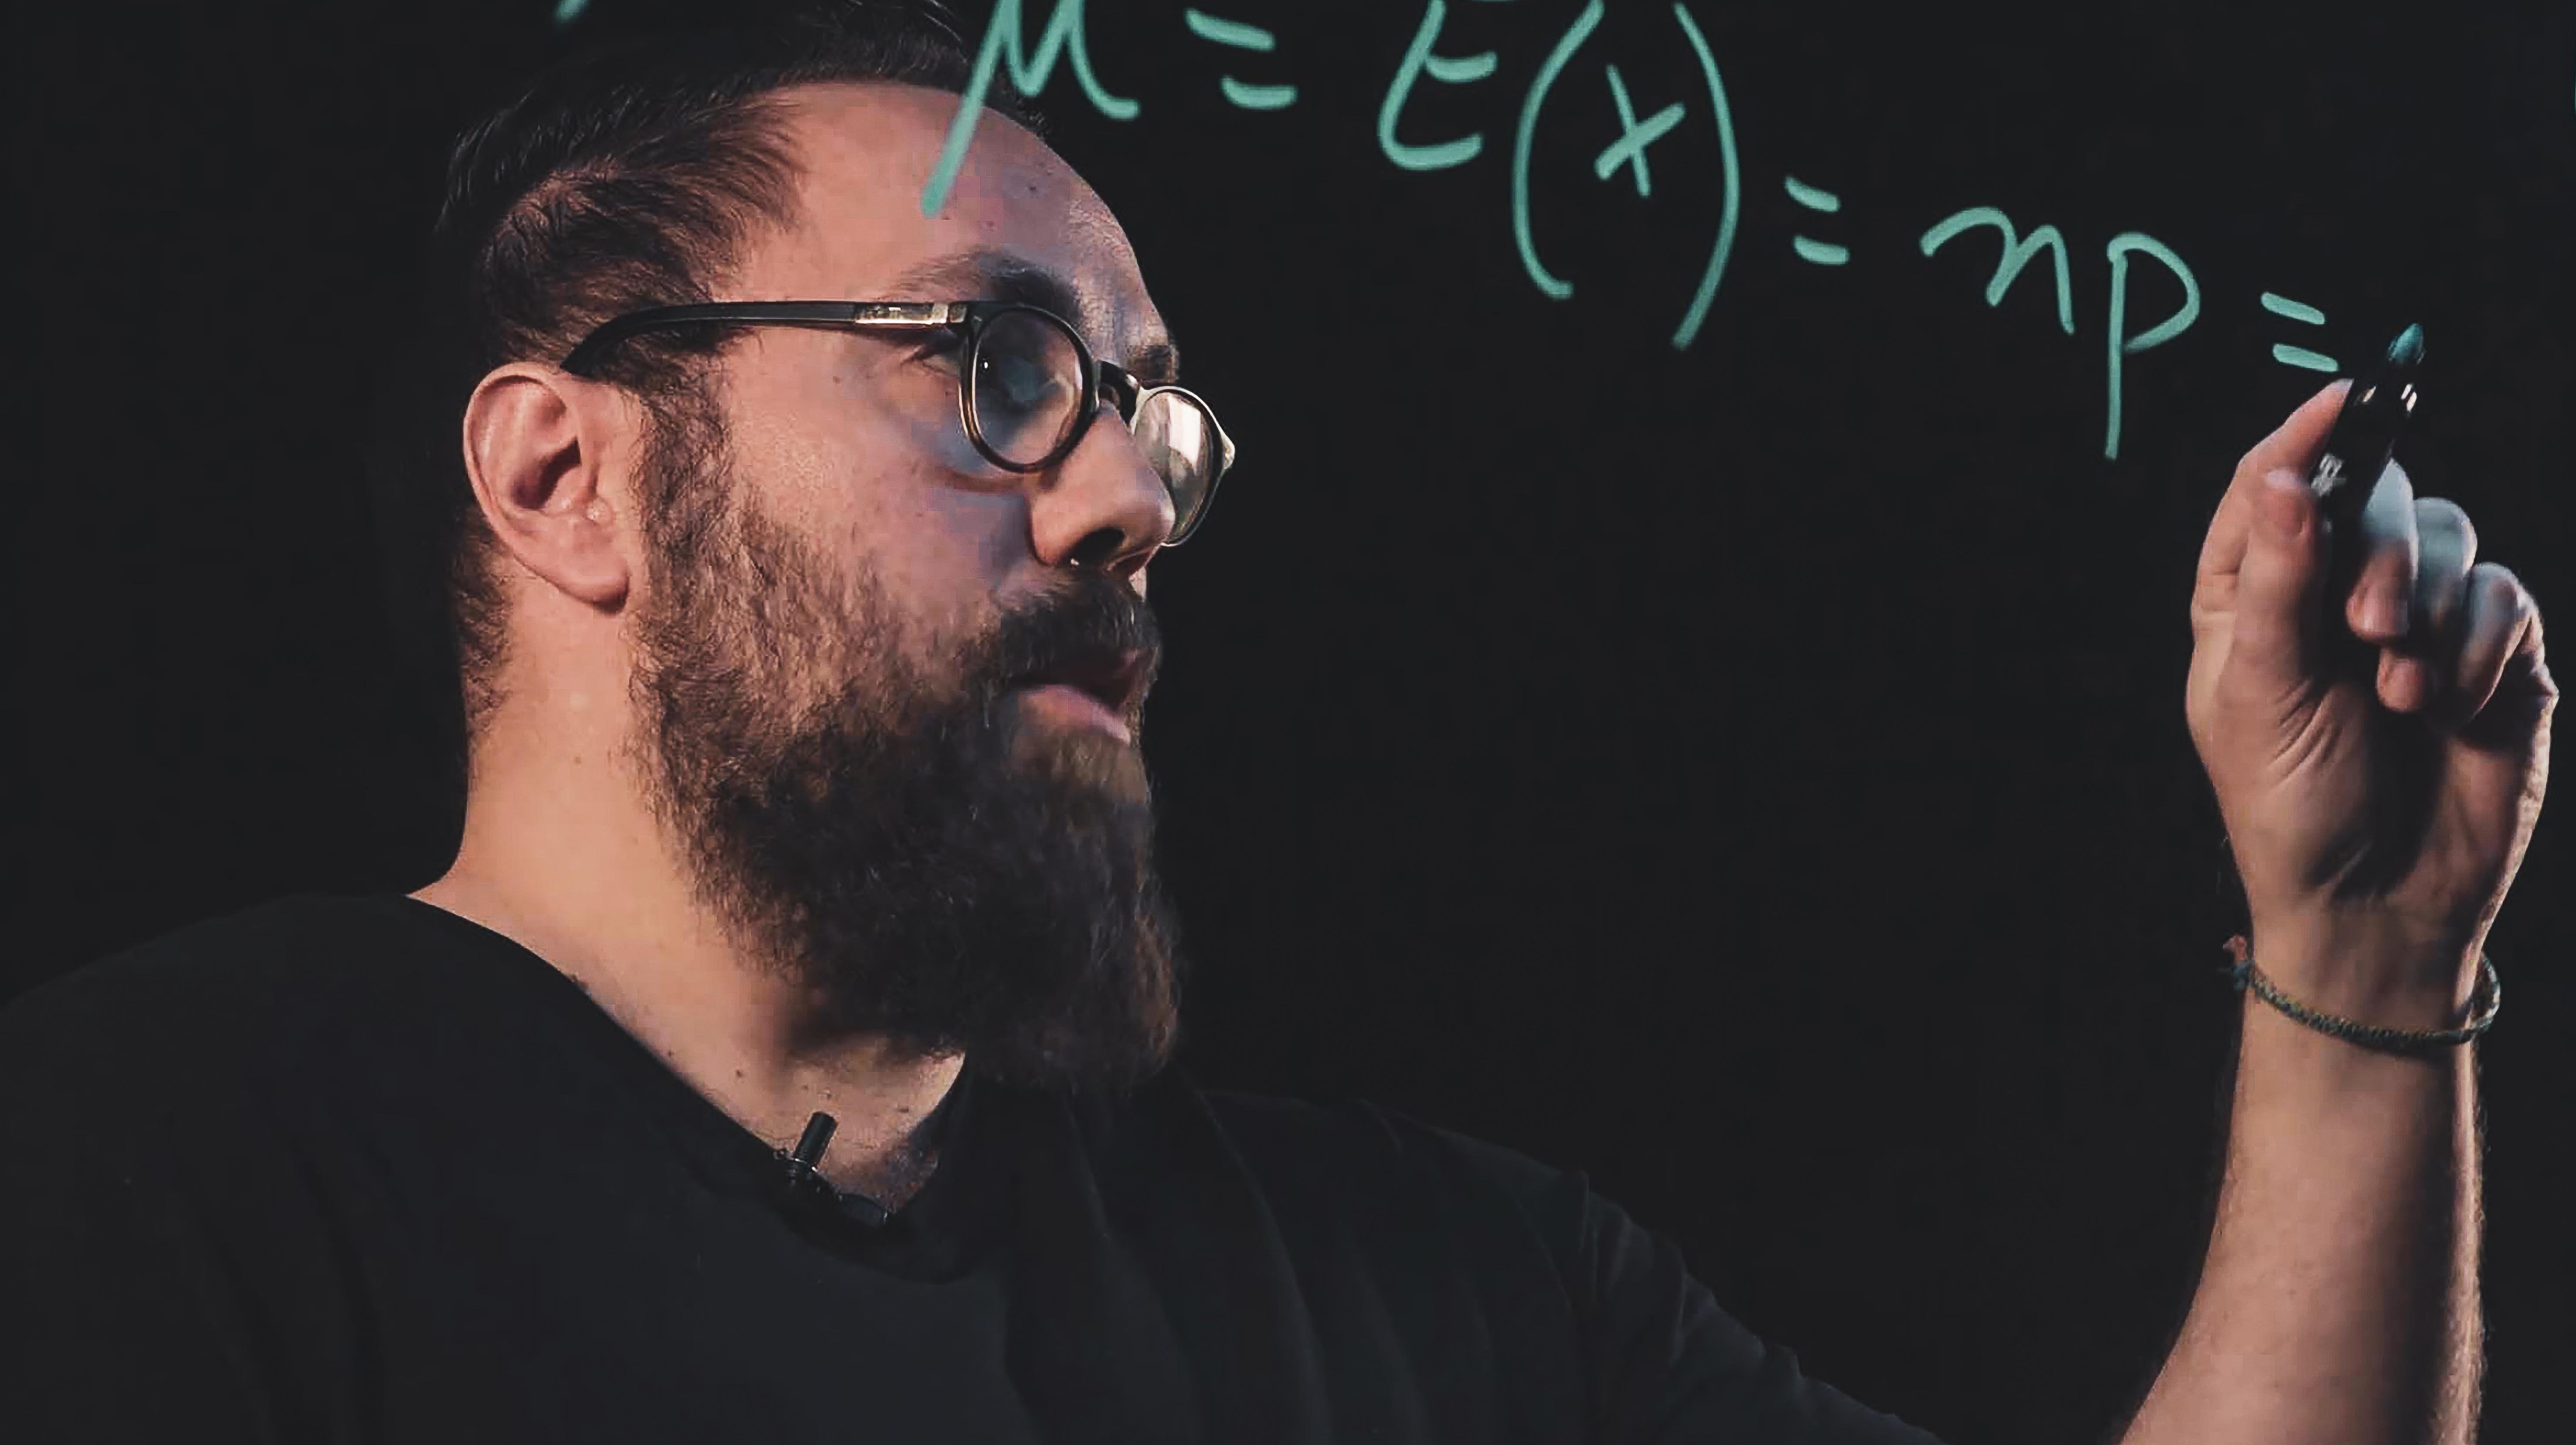 Démonstration mathématique sur le lightboard